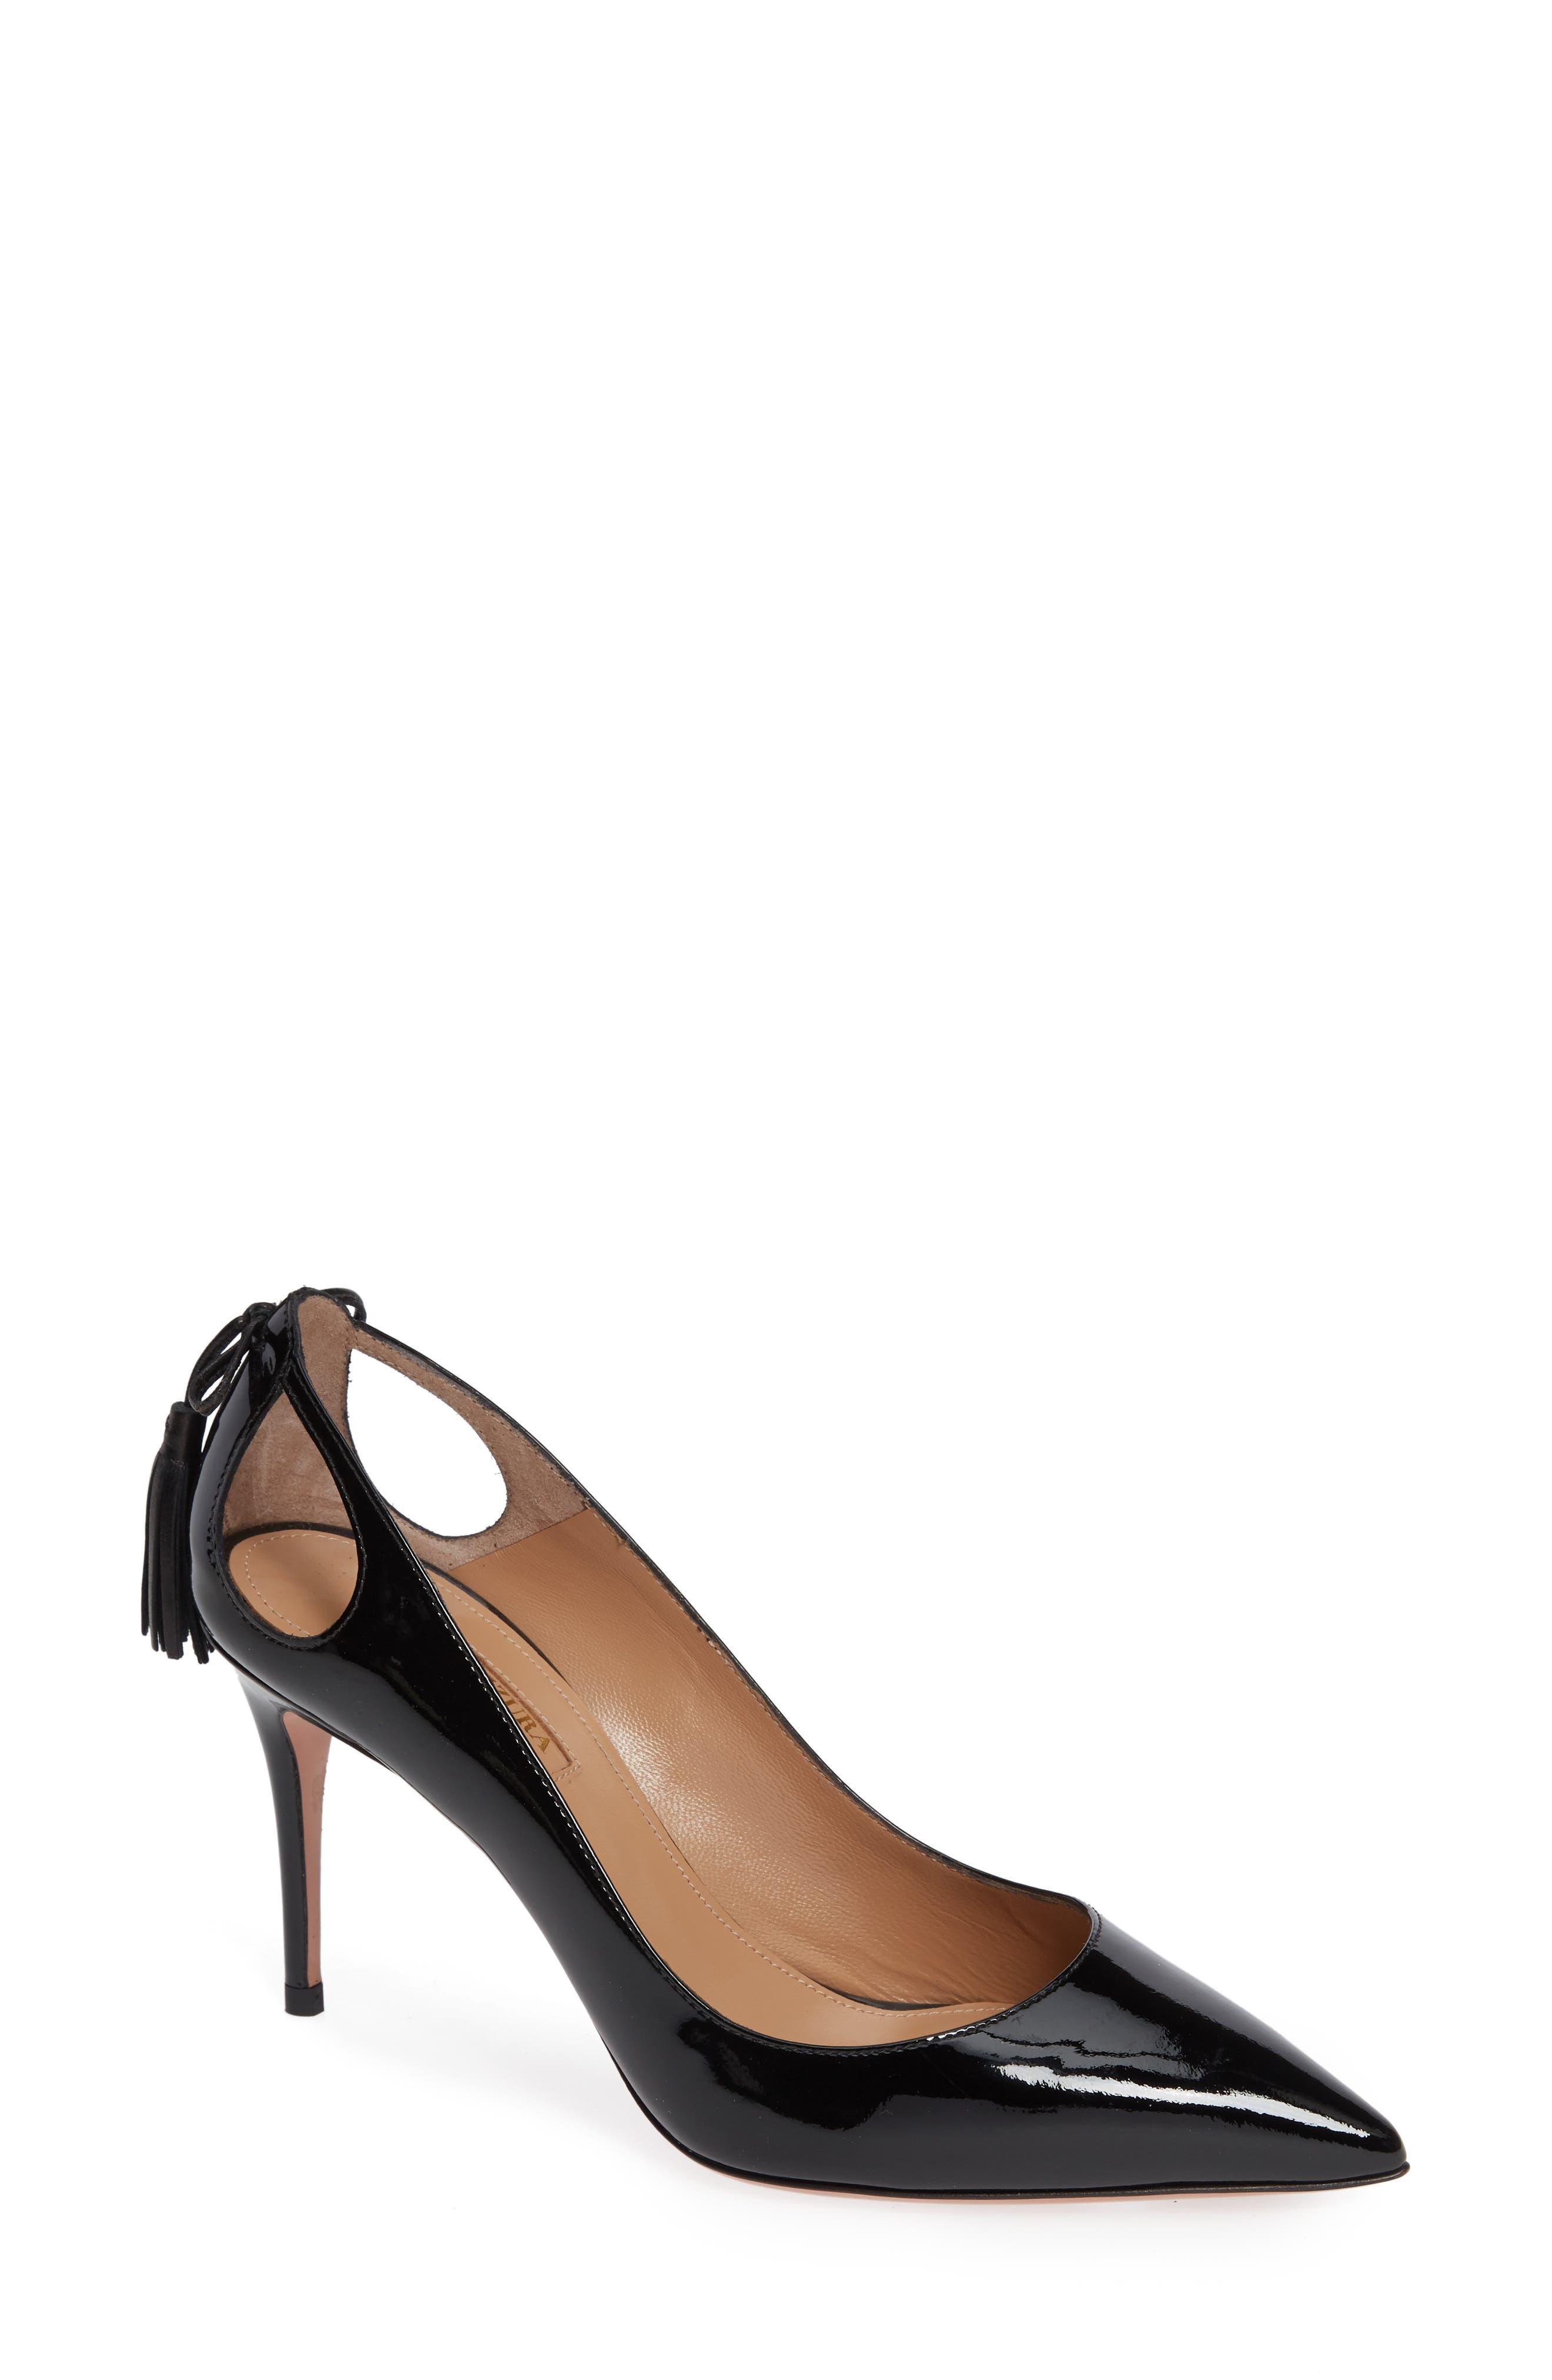 b6a11a2156 Women s AQUAZZURA Shoes